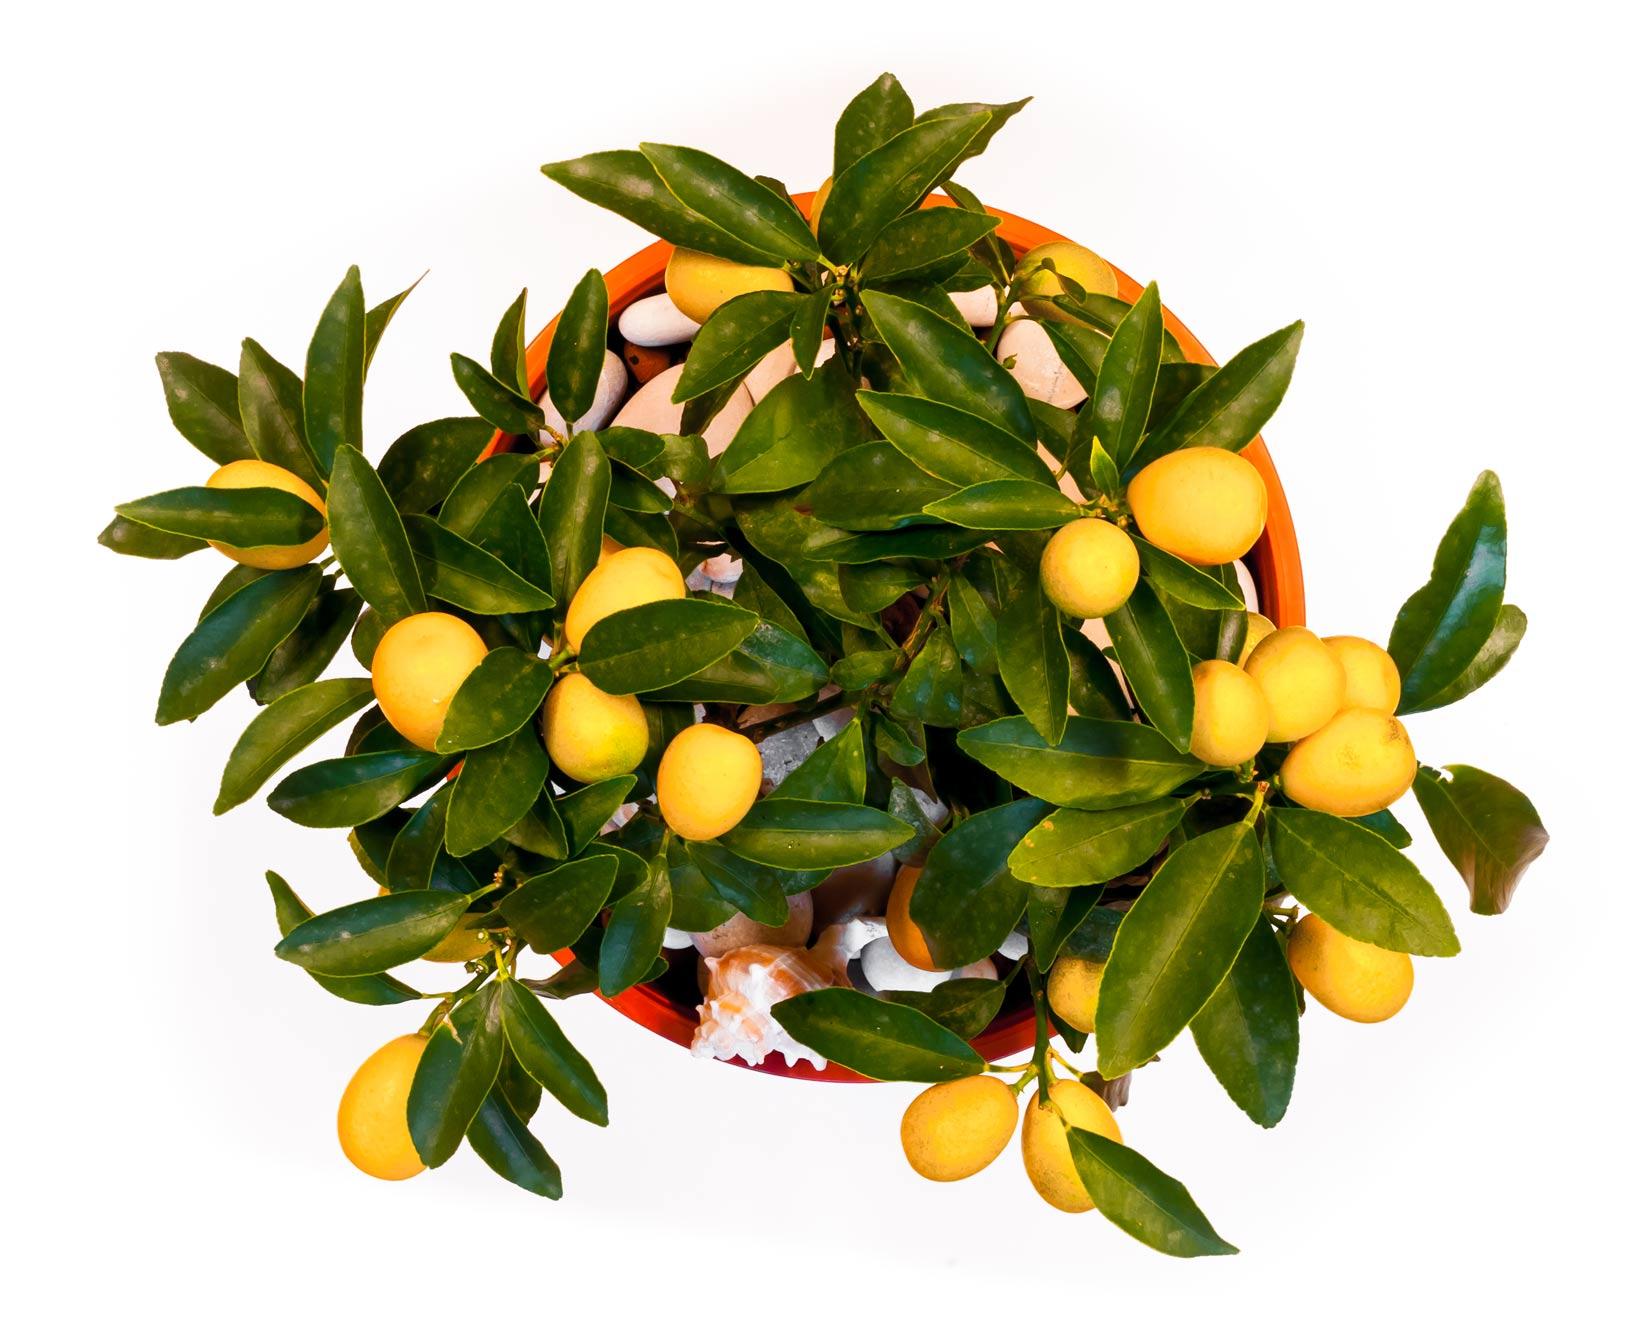 Dozrávající plody kumquátu u vás doma můžete zpracovat i do likéru